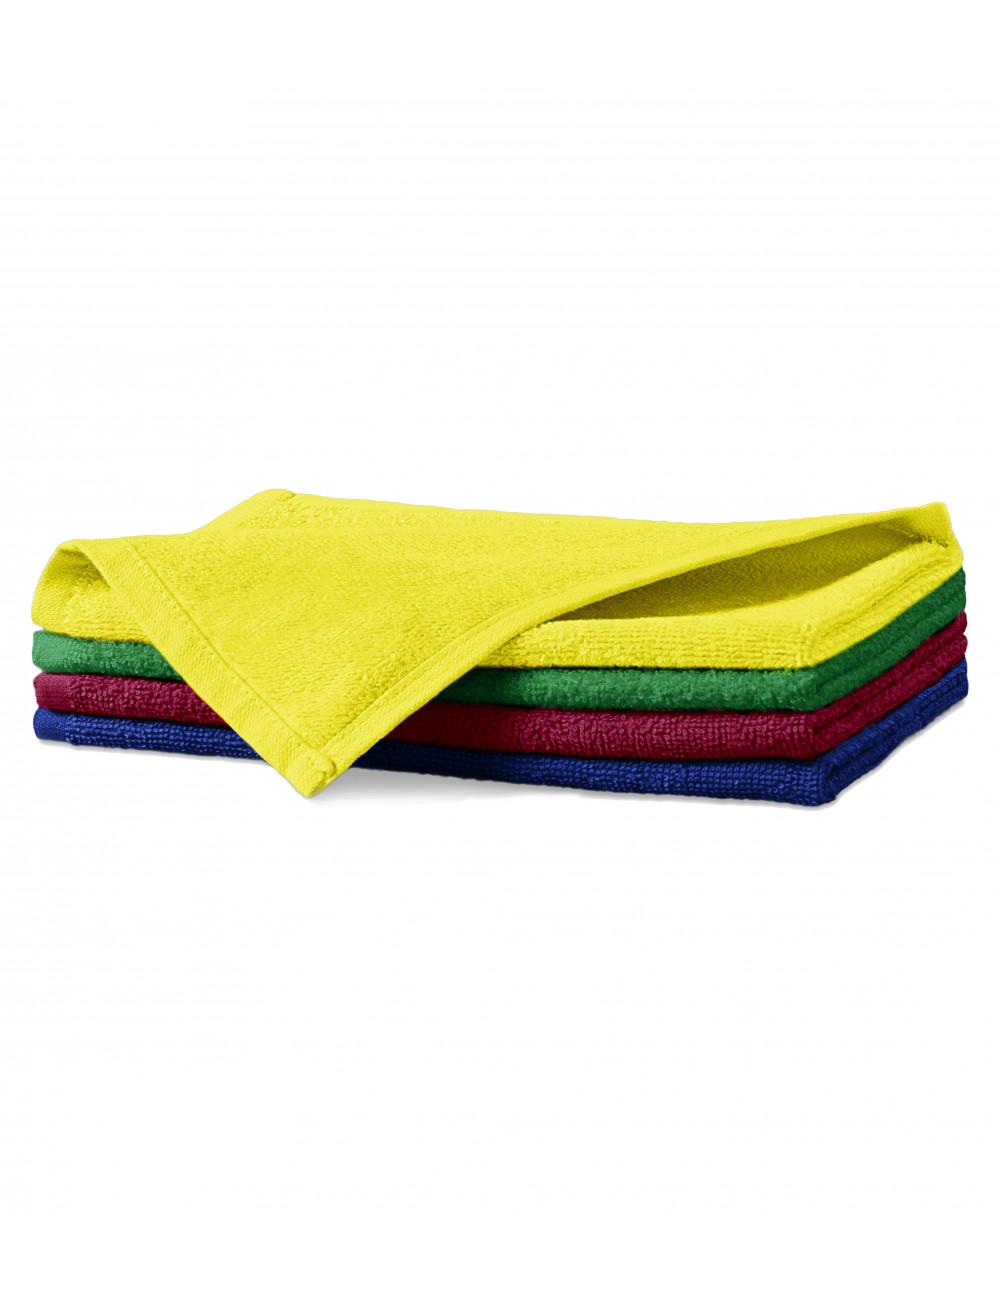 Adler MALFINI Ręcznik mały unisex Terry Hand Towel 907 cytrynowy